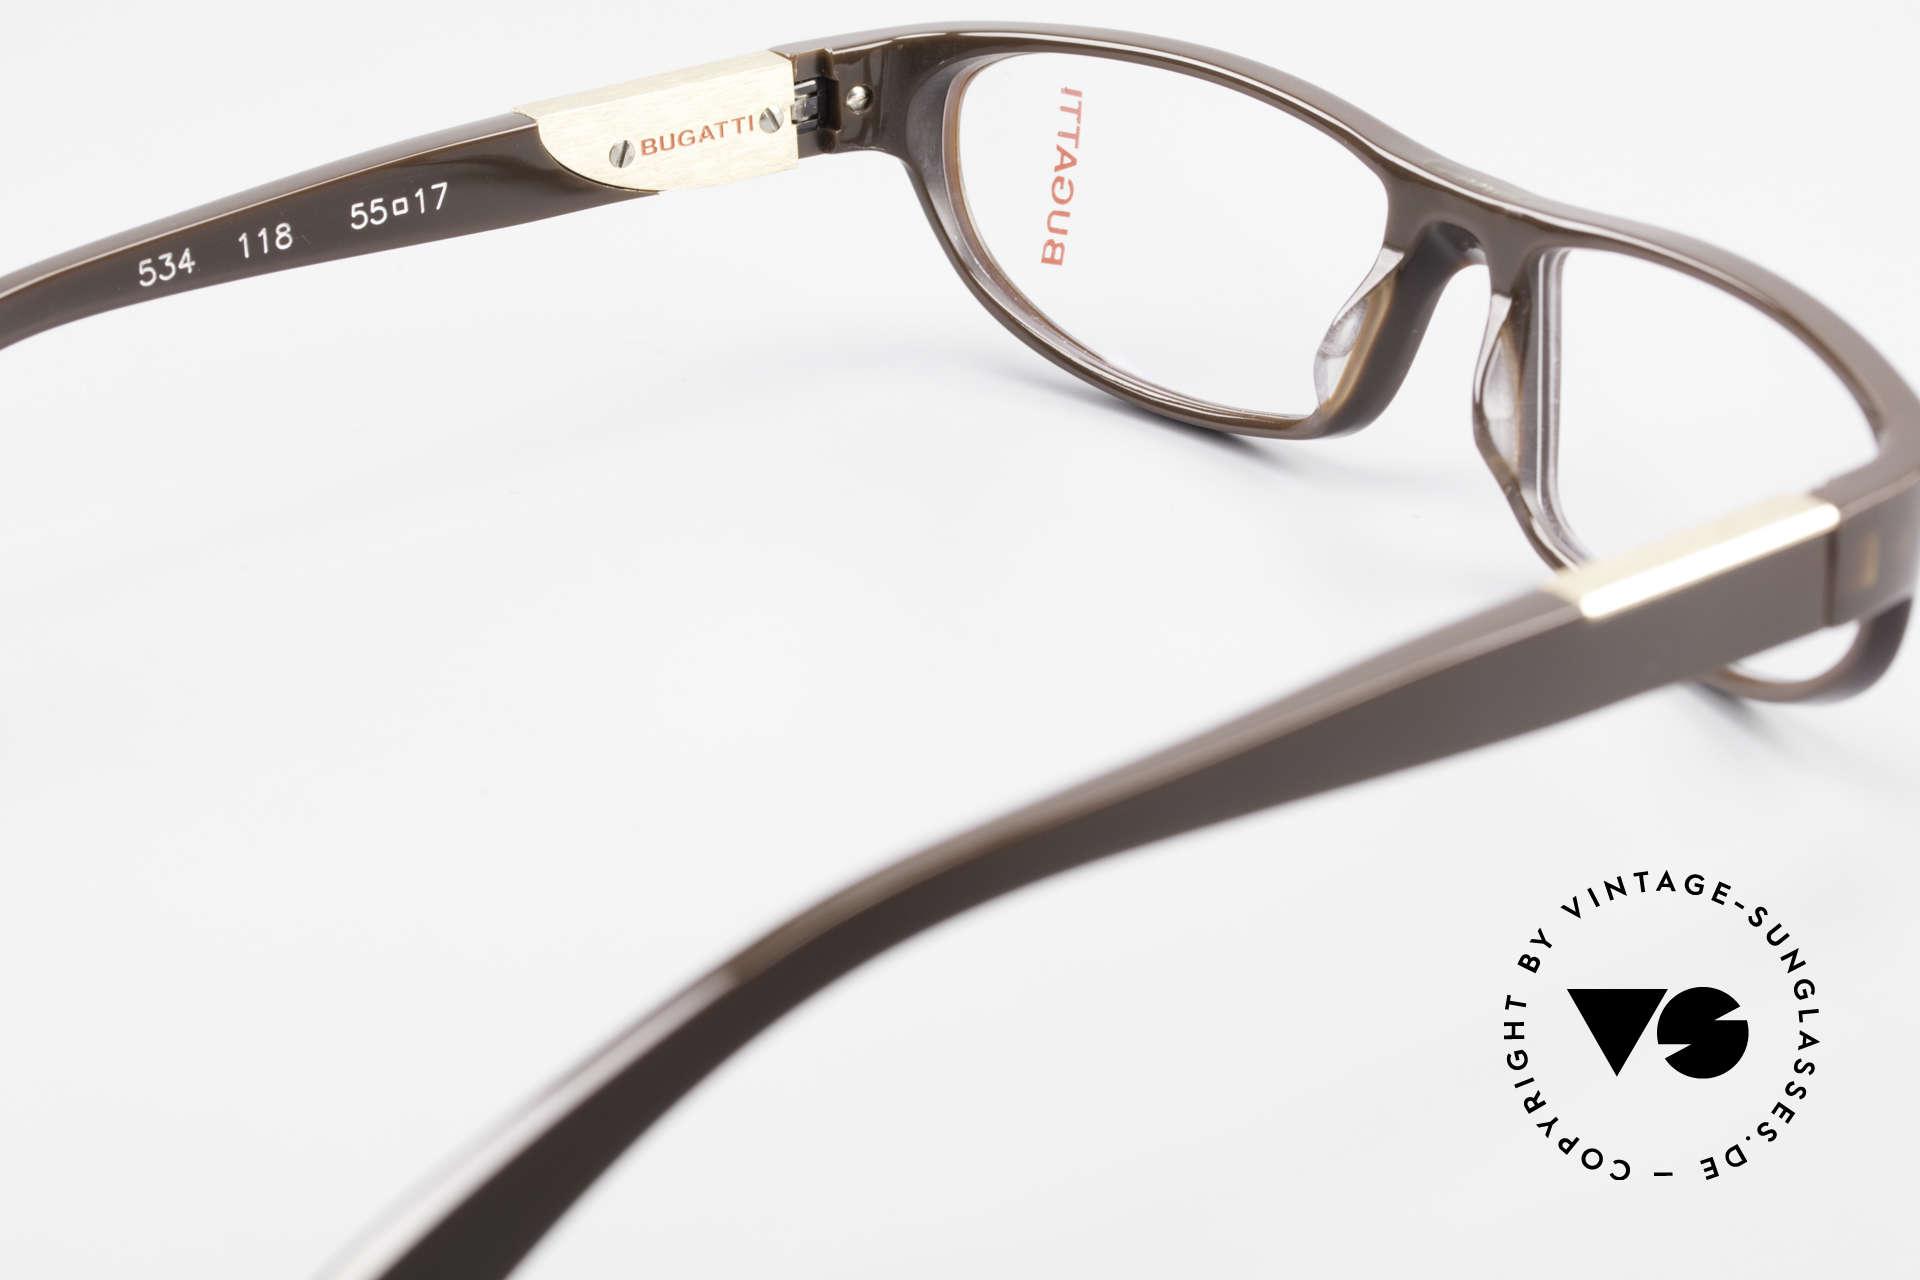 Bugatti 534 Markante Vintagebrille Luxus, Modell ist als Brille oder Sonnenbrille verglasbar, Passend für Herren